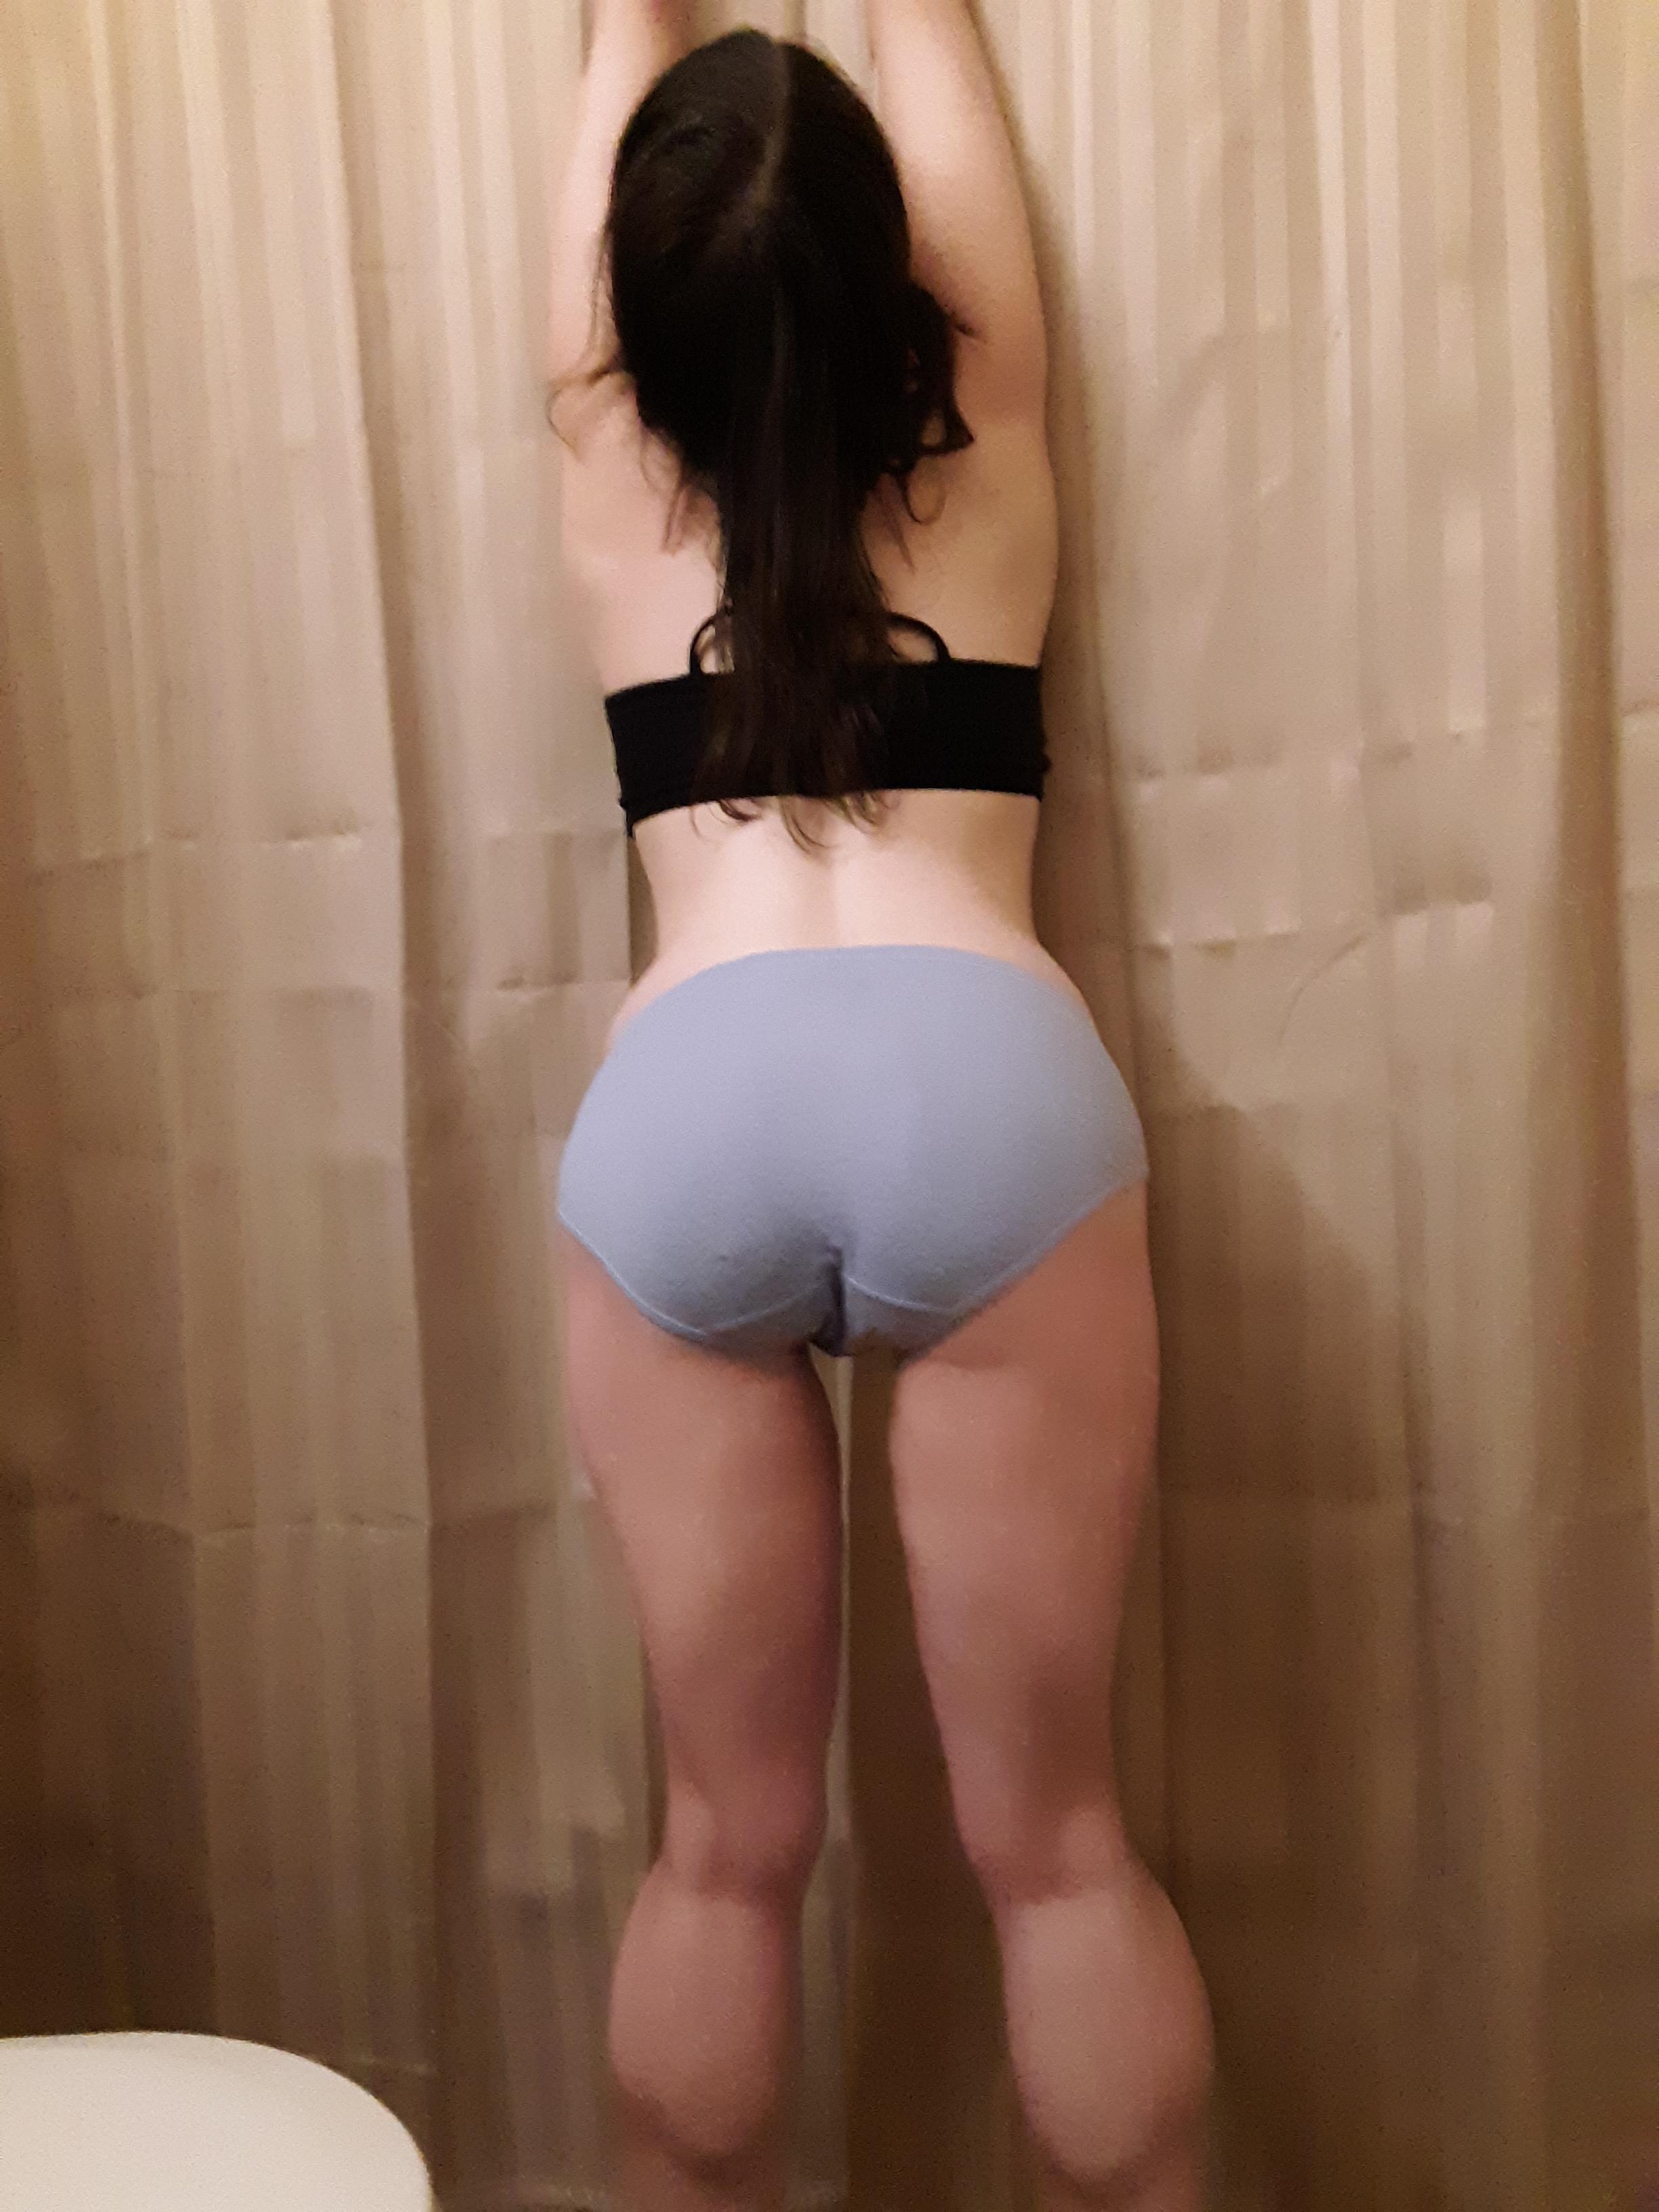 Teen Twerking The Shower